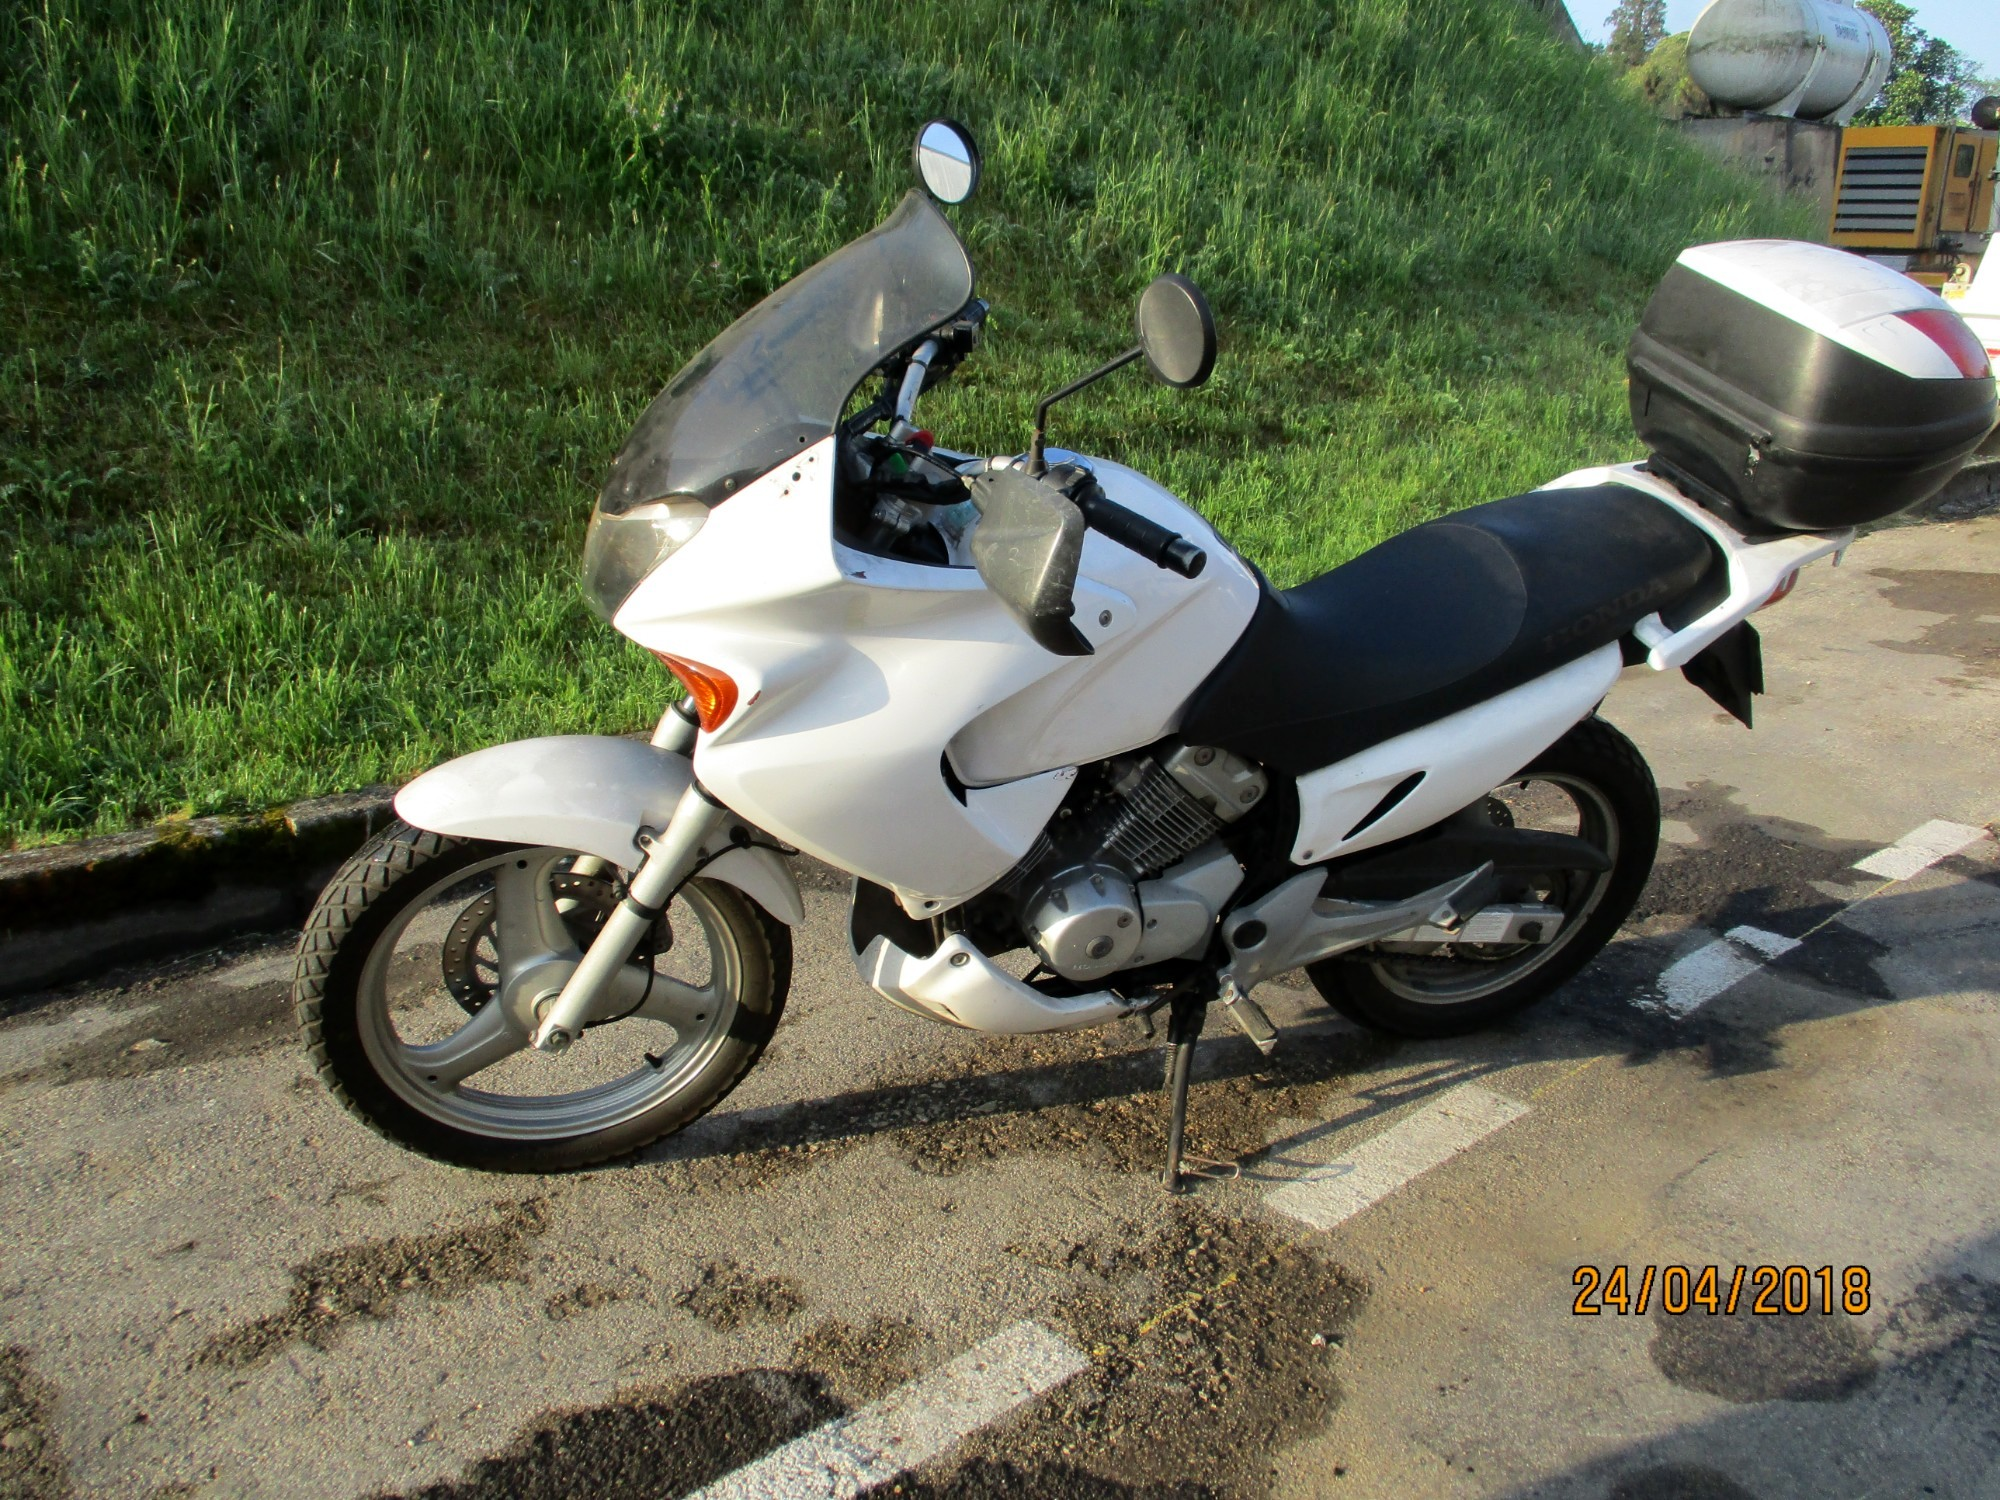 moto honda 125cm3 par 0963 moto scooter 2 roues d 39 occasion aux ench res agorastore. Black Bedroom Furniture Sets. Home Design Ideas